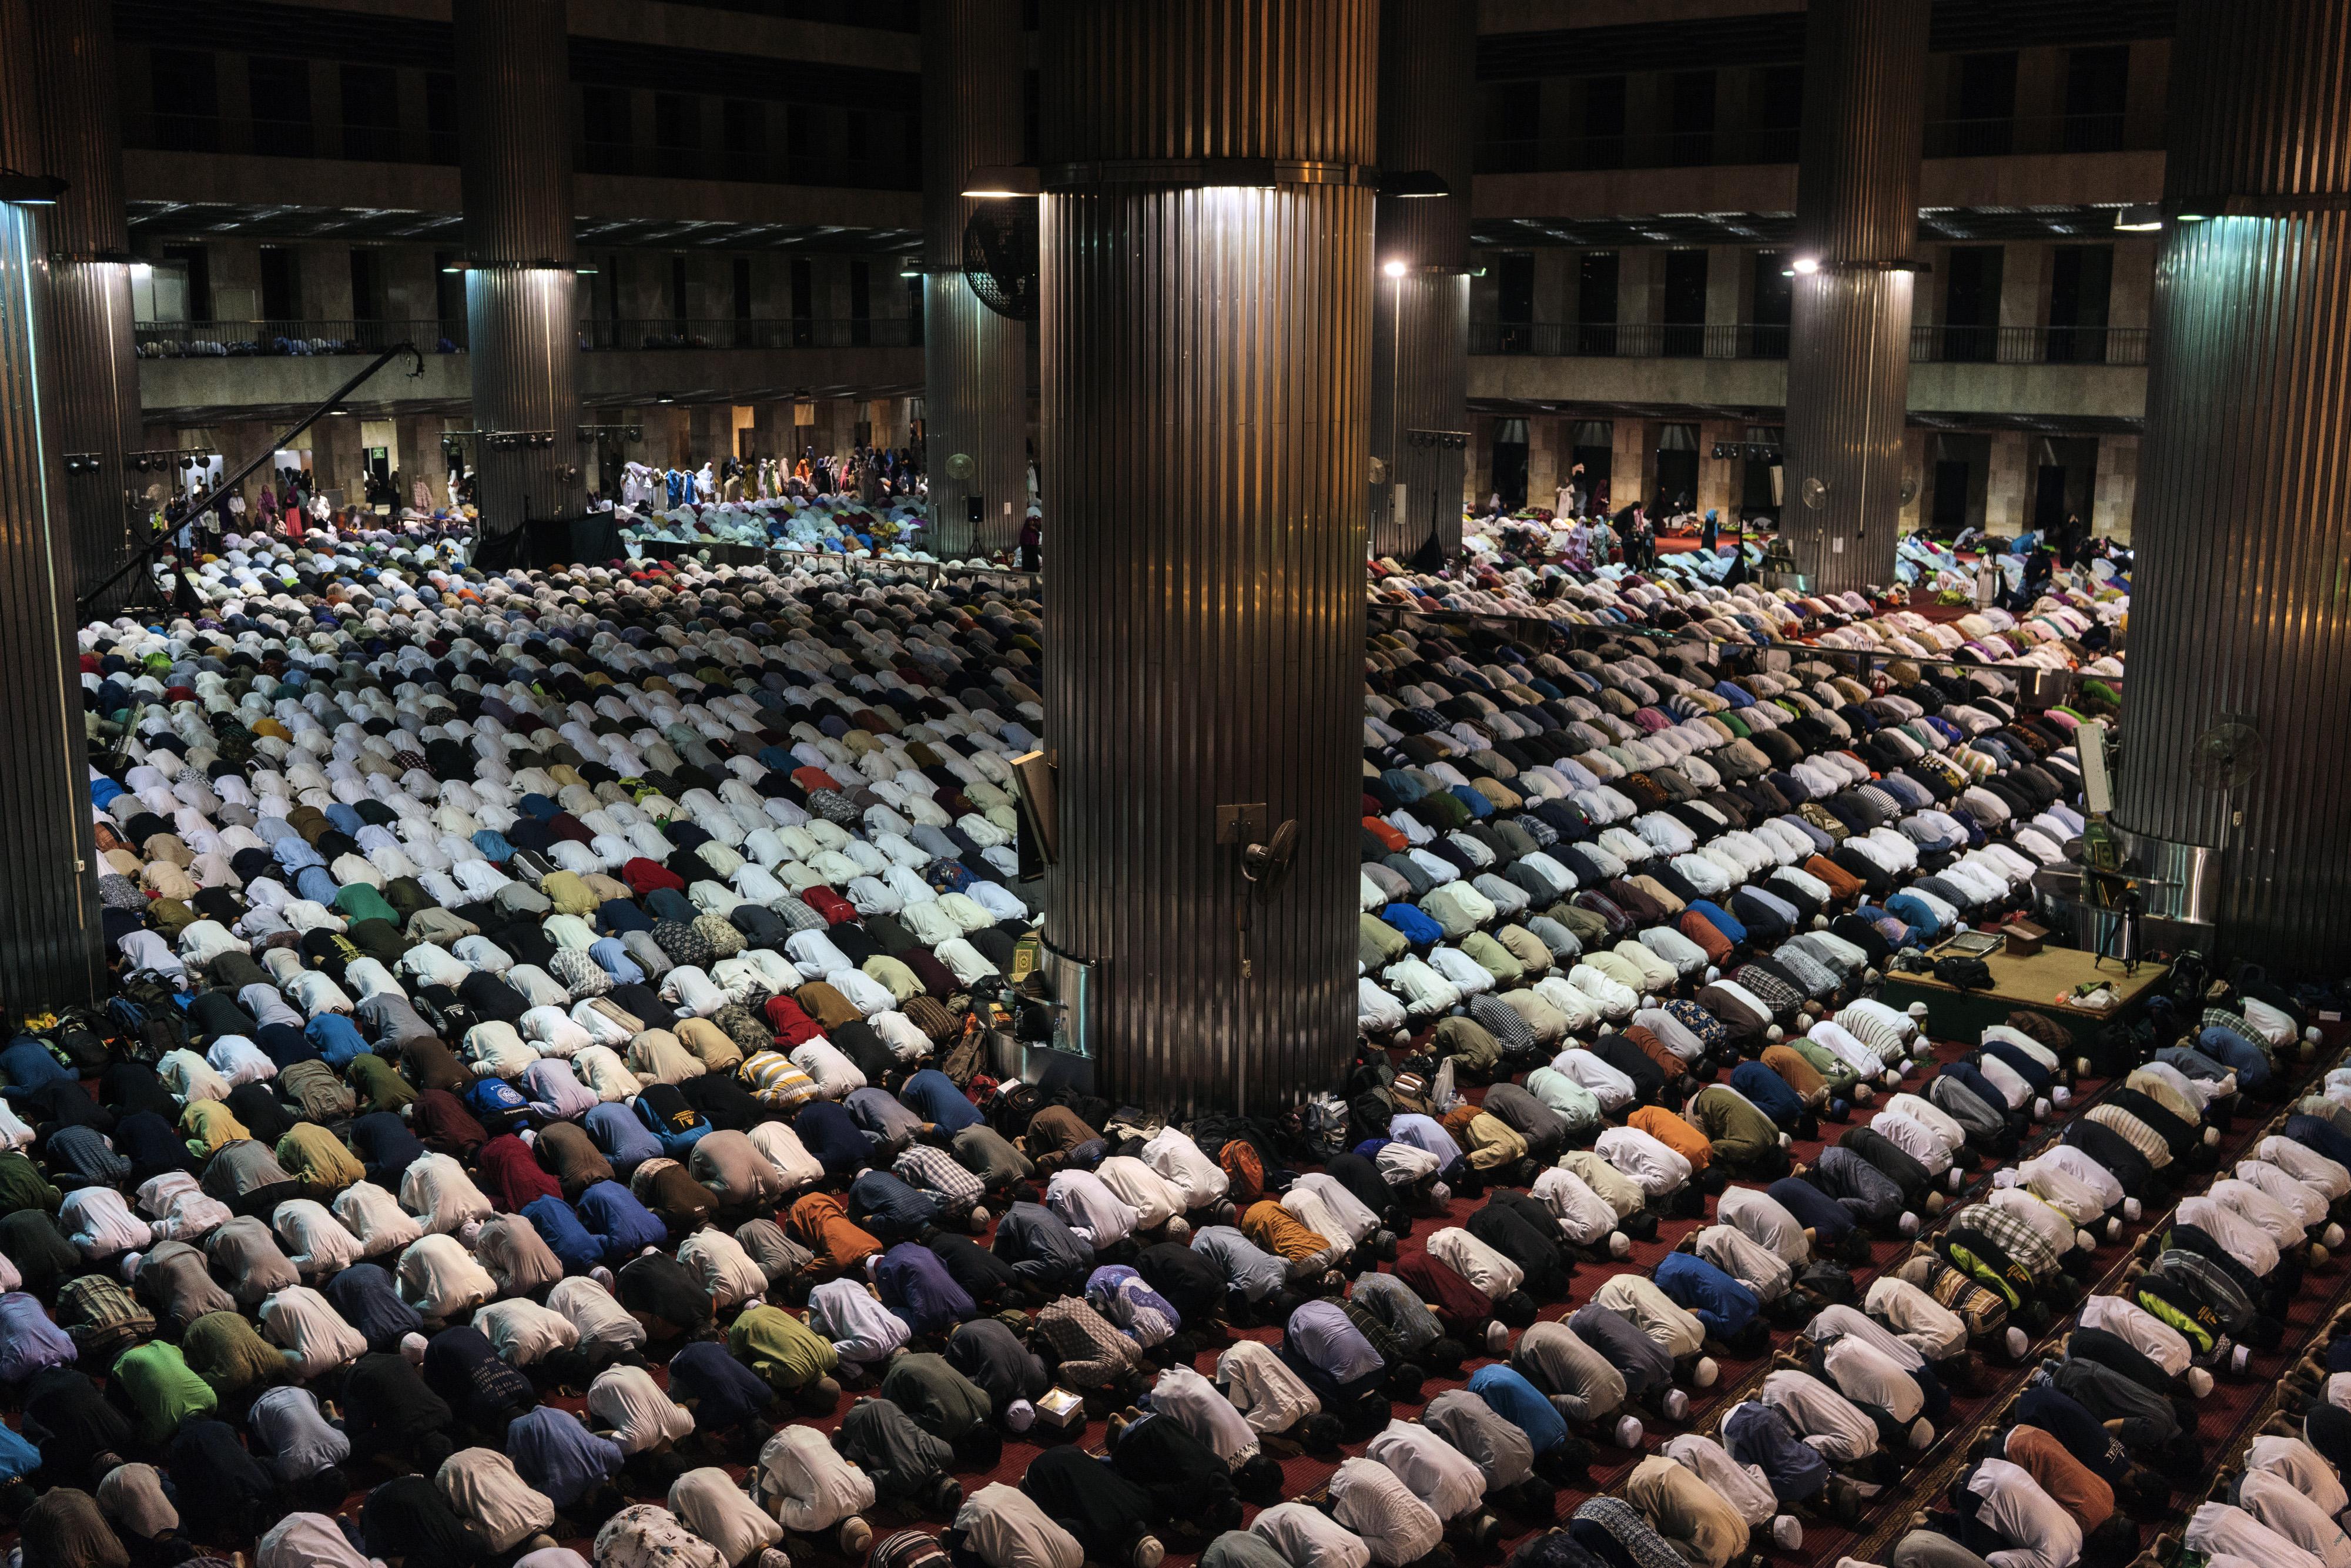 Indonesia es el país de mayoría musulmana más poblado en el planeta, pero los musulmanes sordos cuentan con pocos recursos para aprender el Corán. (Adam Dean/The New York Times)